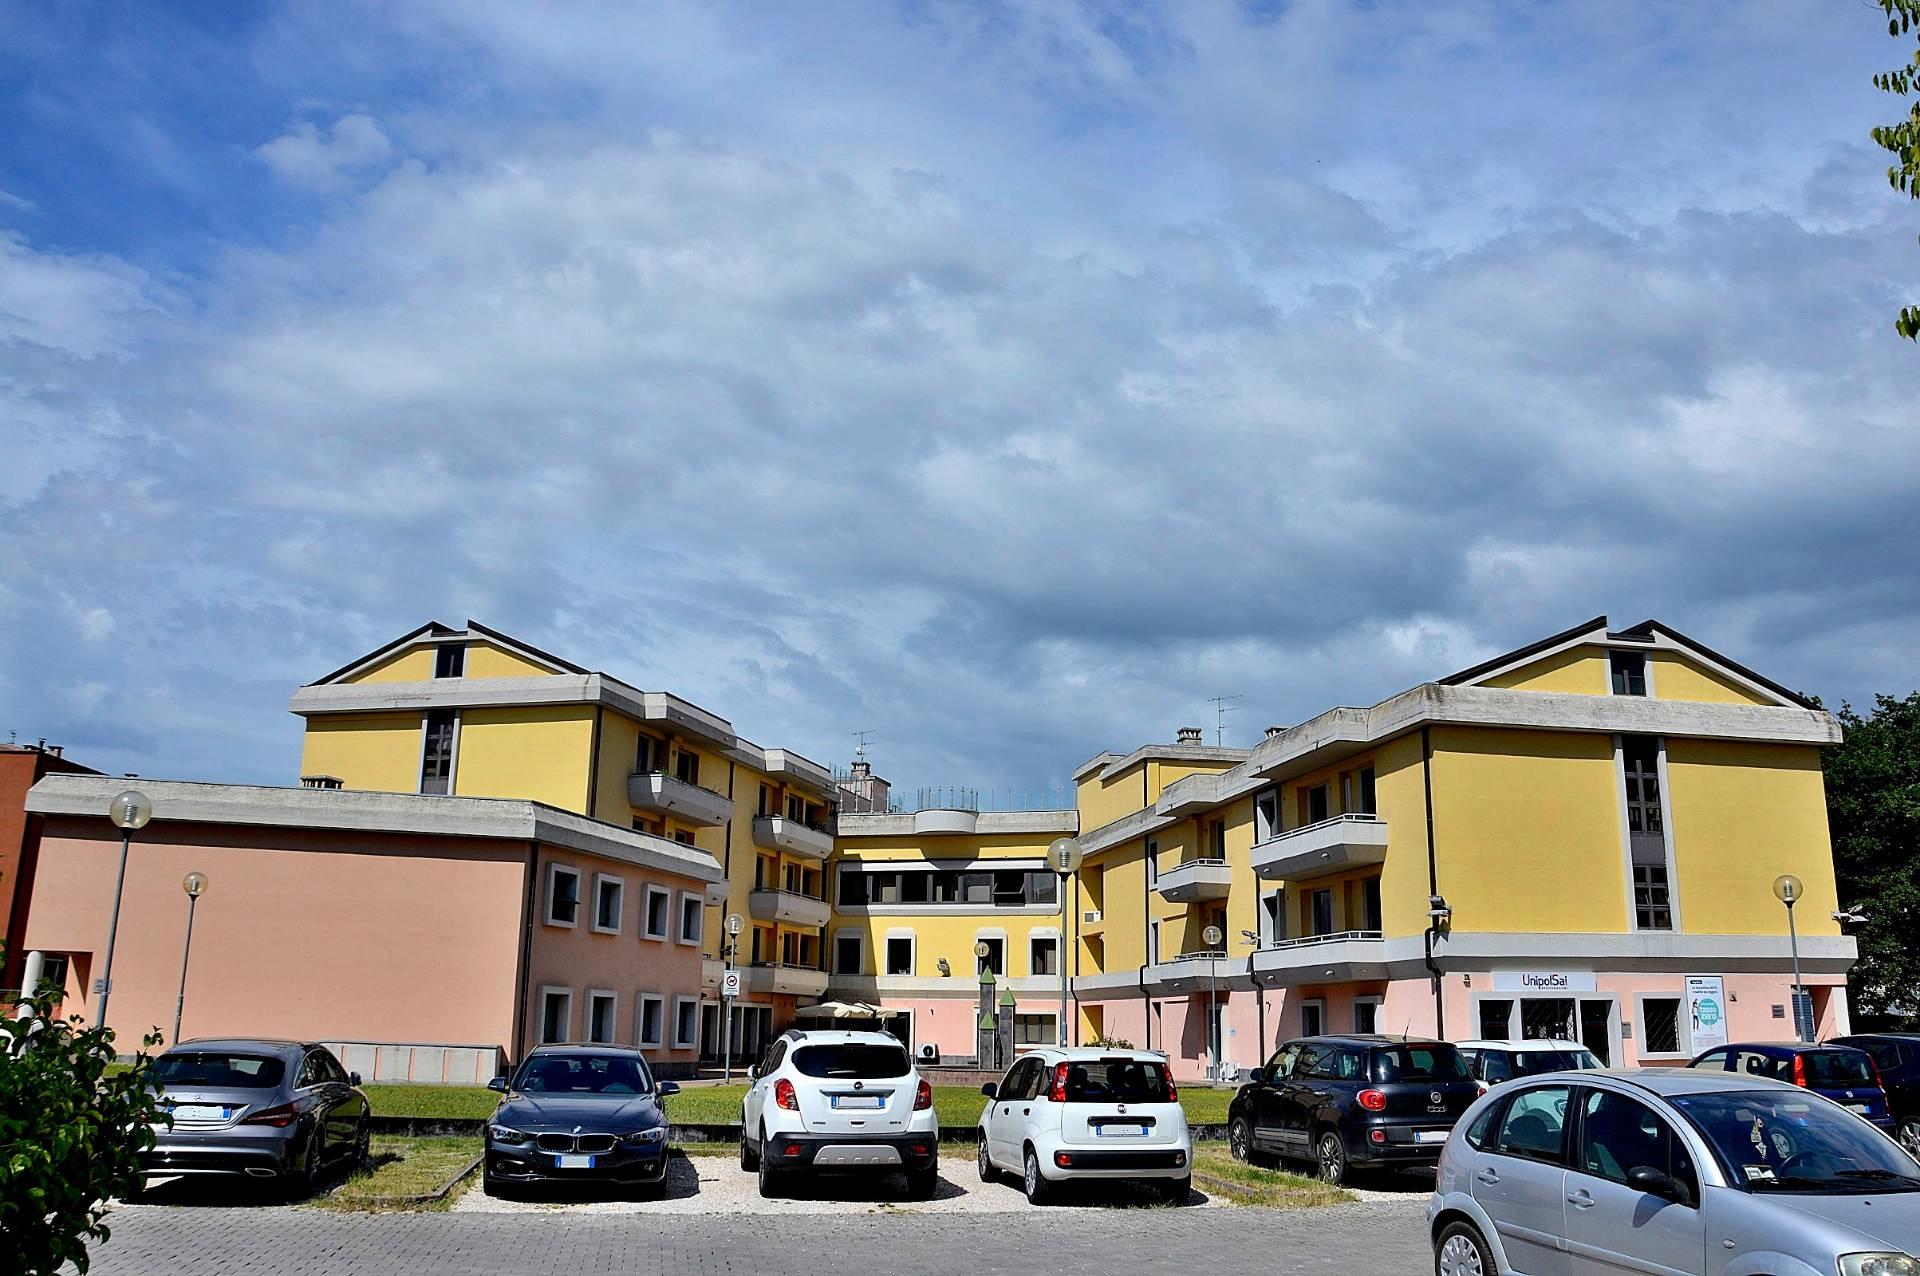 Ufficio / Studio in affitto a Spoleto, 9999 locali, zona Località: Spoleto-Centro, prezzo € 210.000 | CambioCasa.it